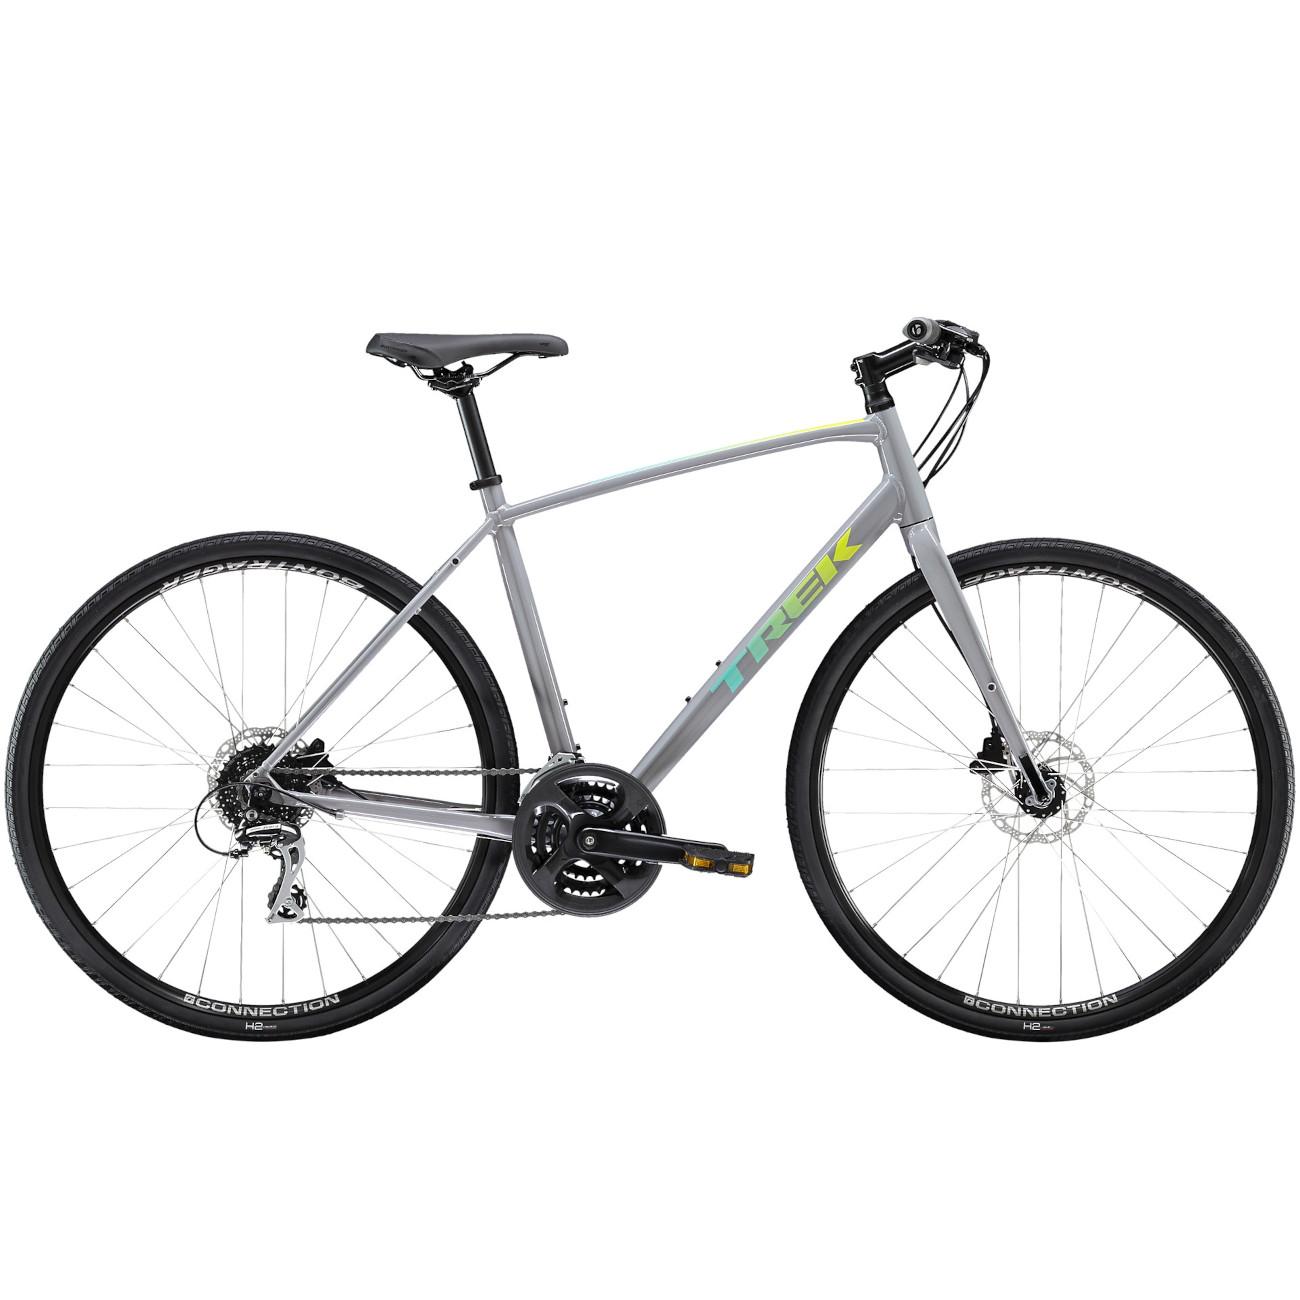 Trek FX 2 DISC Fitnessbike - 2022 - Gravel